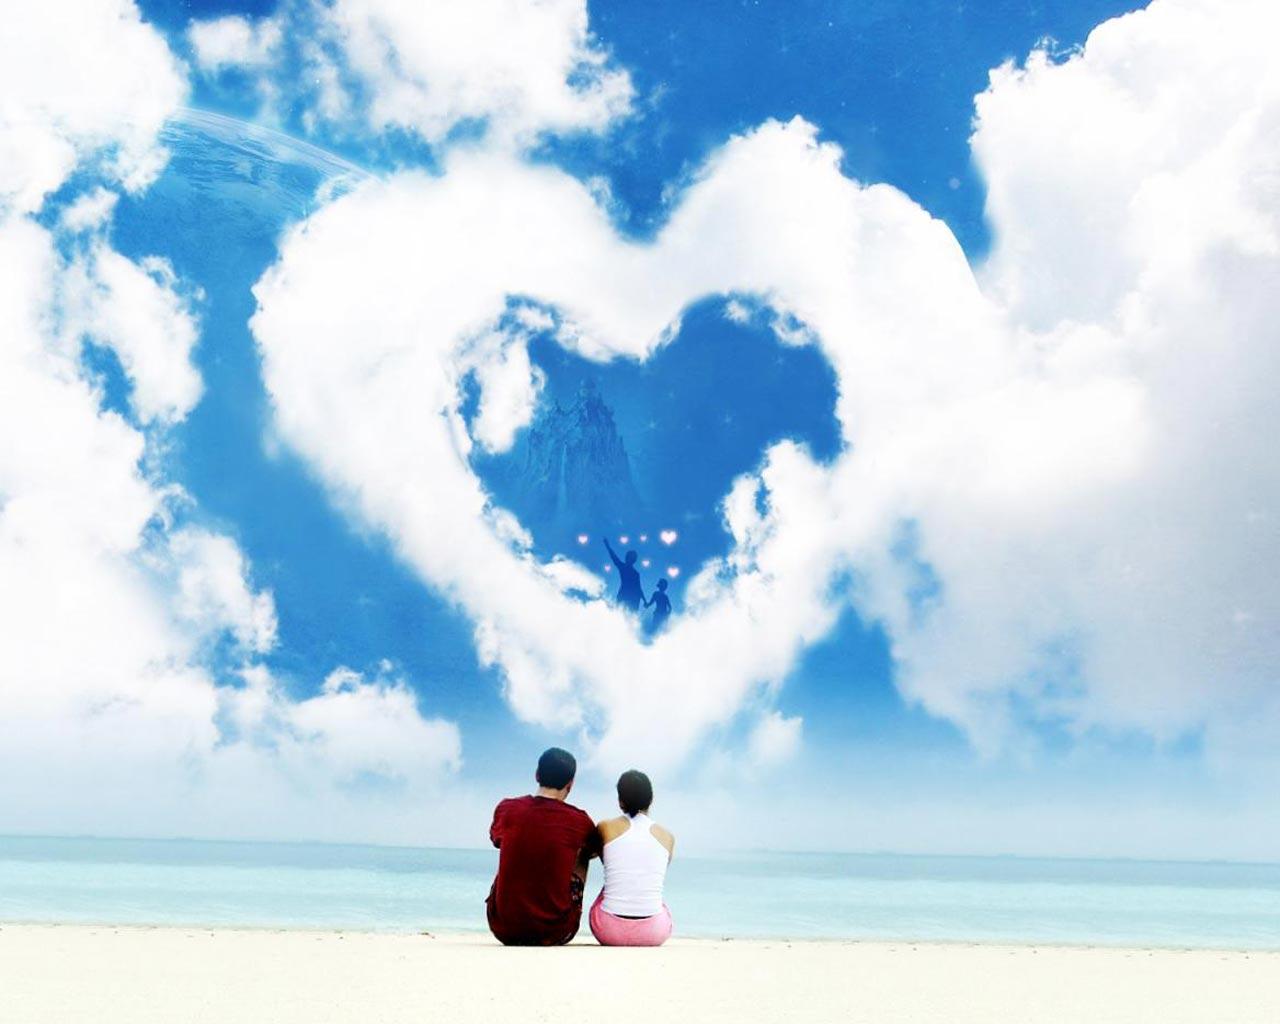 Imagenes románticas